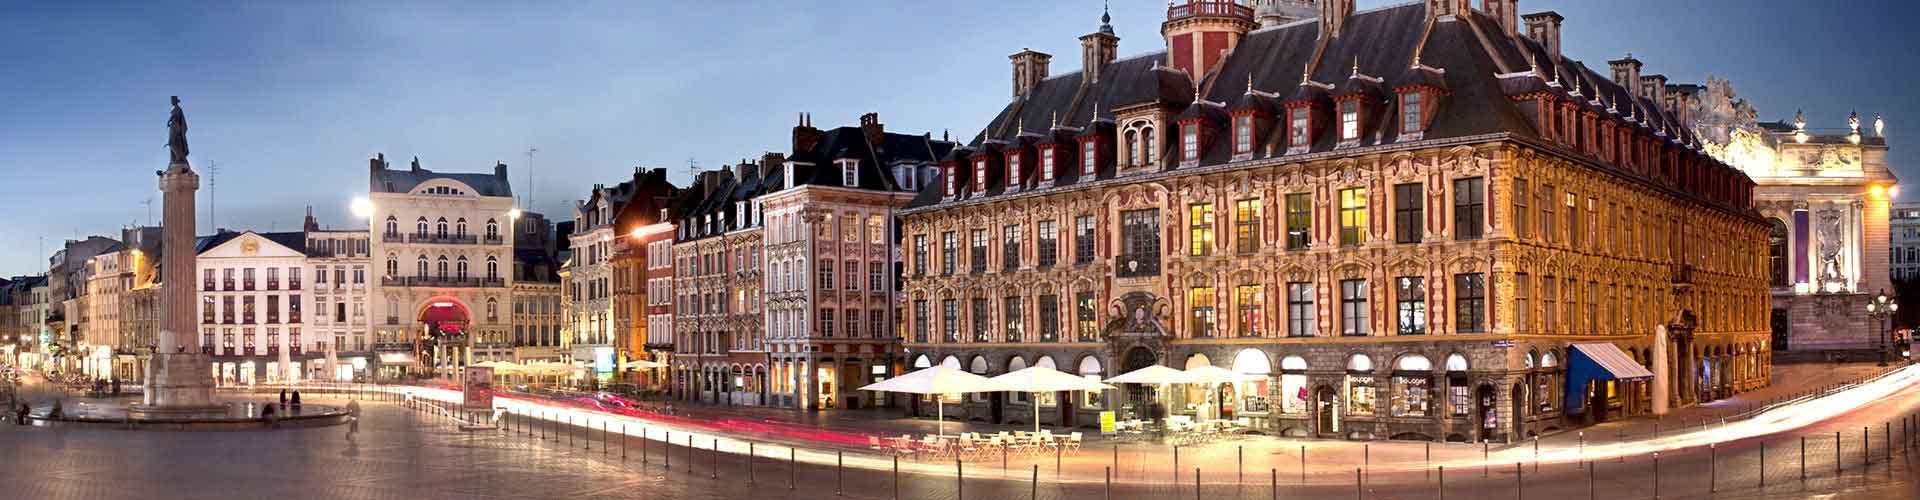 Tours - Hôtels à Tours. Cartes pour Tours, photos et commentaires pour chaque hôtel à Tours.